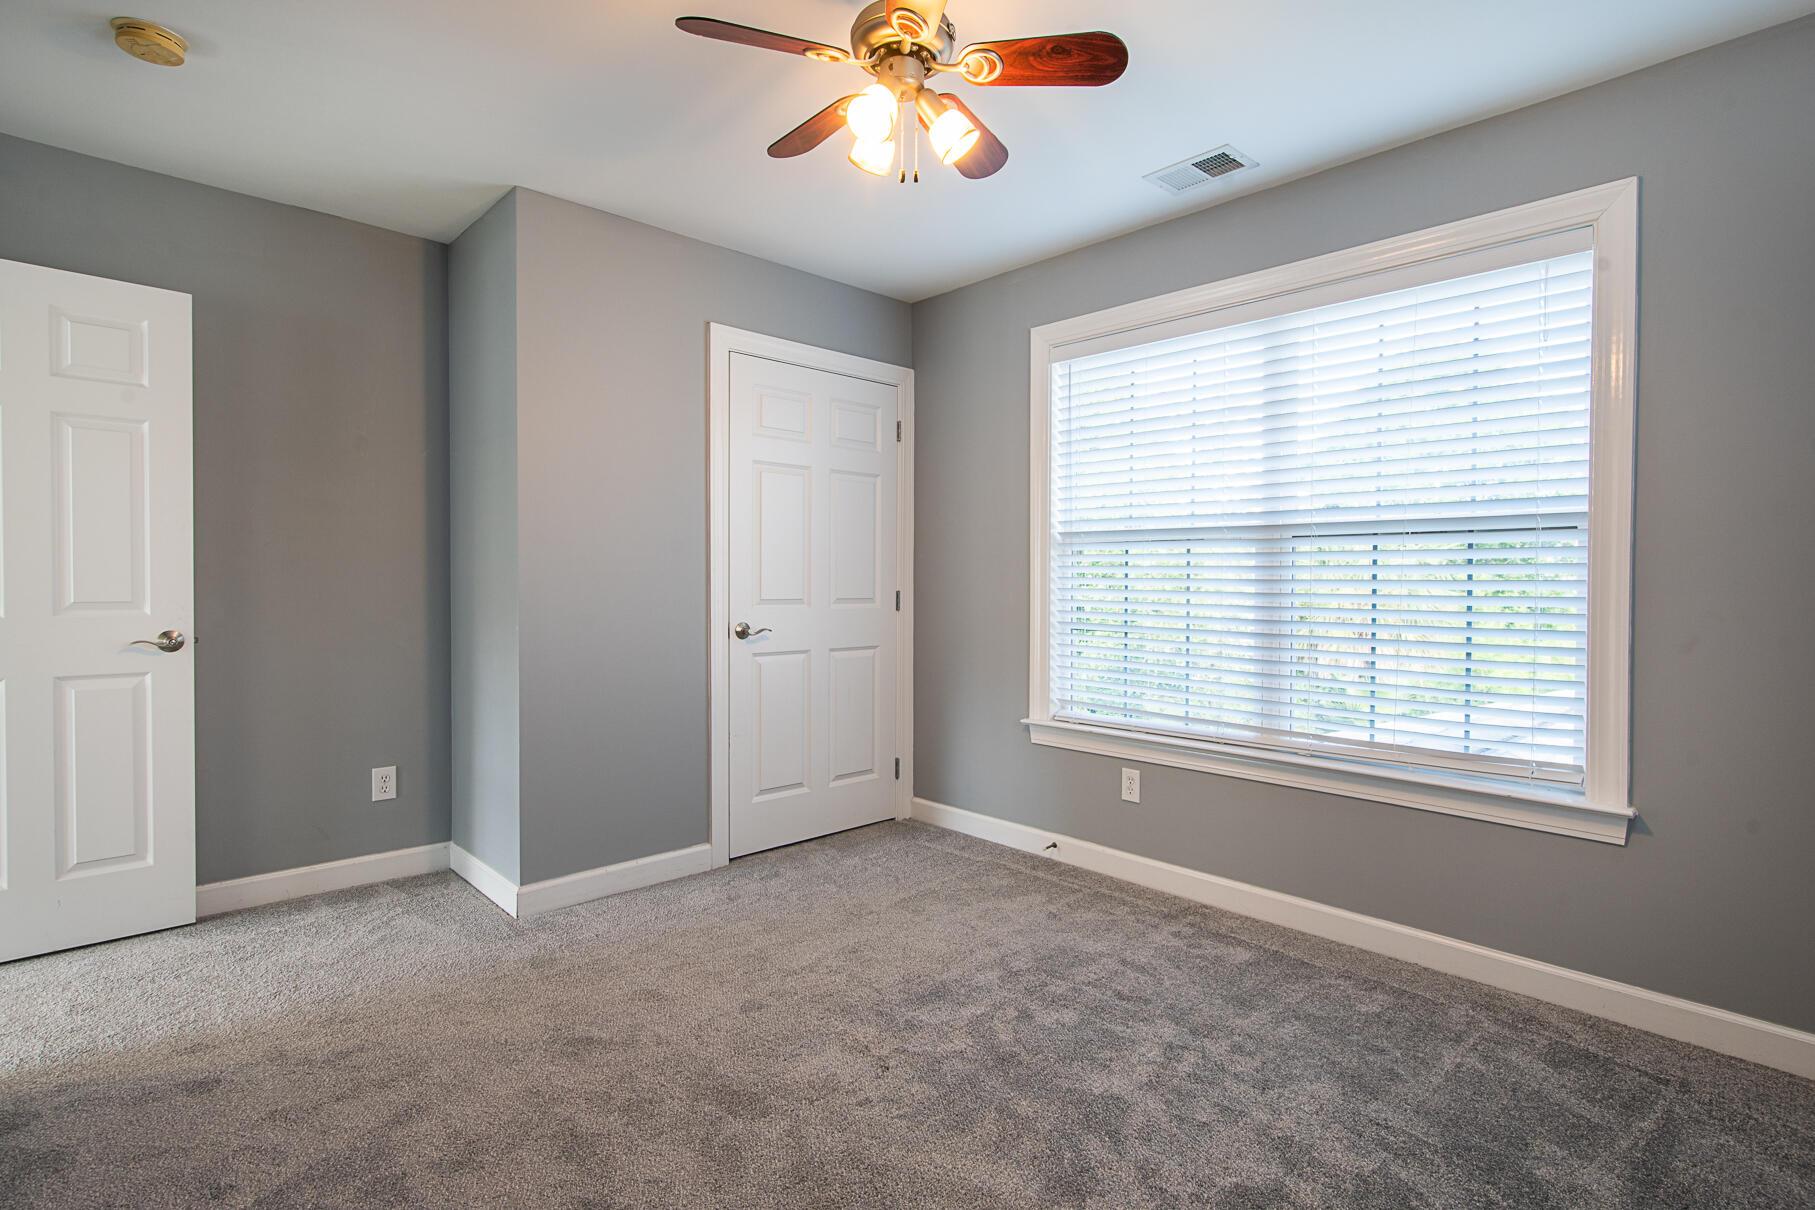 Dunes West Homes For Sale - 3059 Riverwood, Mount Pleasant, SC - 49